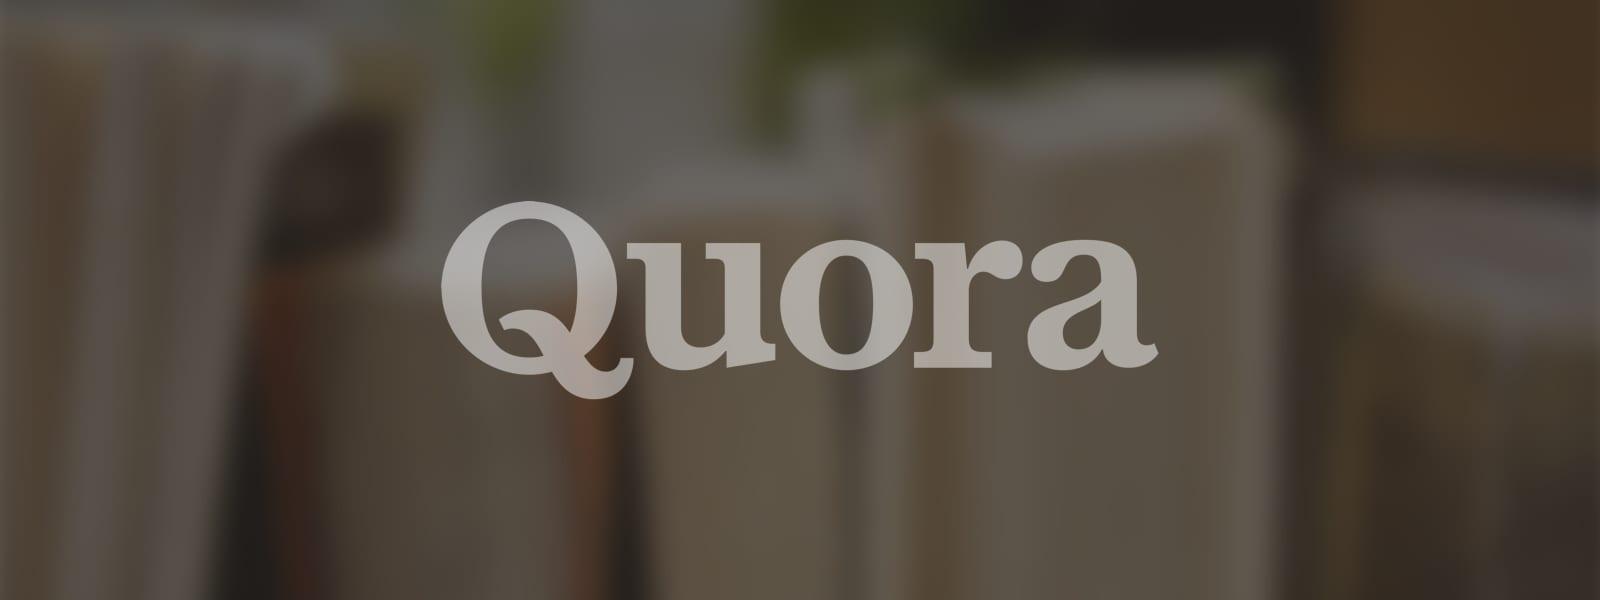 4e3e51604ff Quora Marketing  Tips